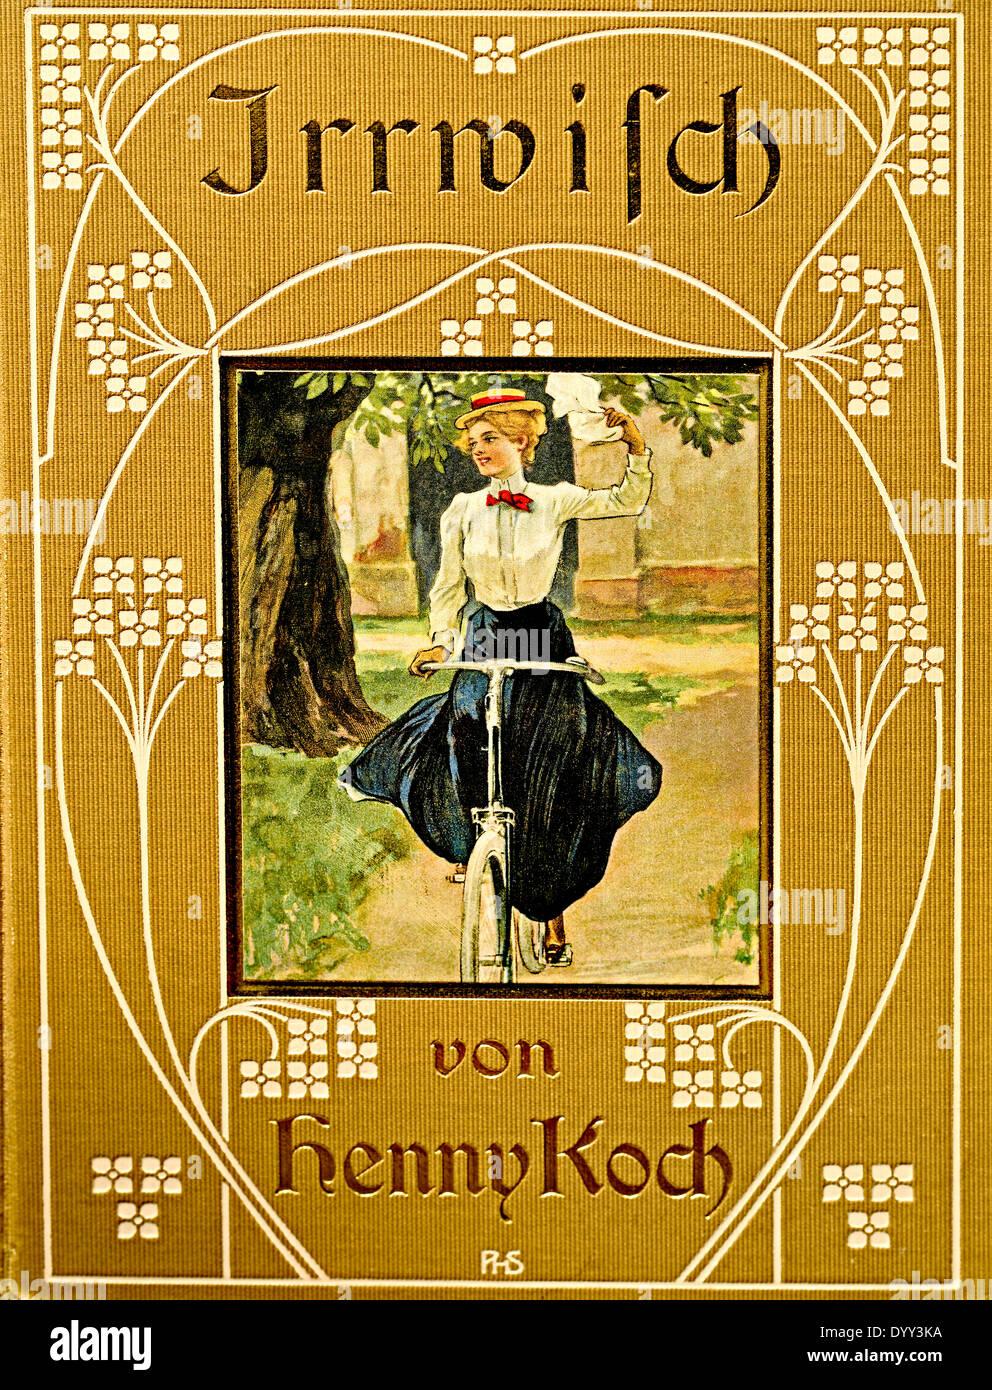 Book for girls as preparation for marriage Jugendbuch für Mädchen zur Vorbereitung auf Hochzeit und Ehe von Henny Koch; - Stock Image